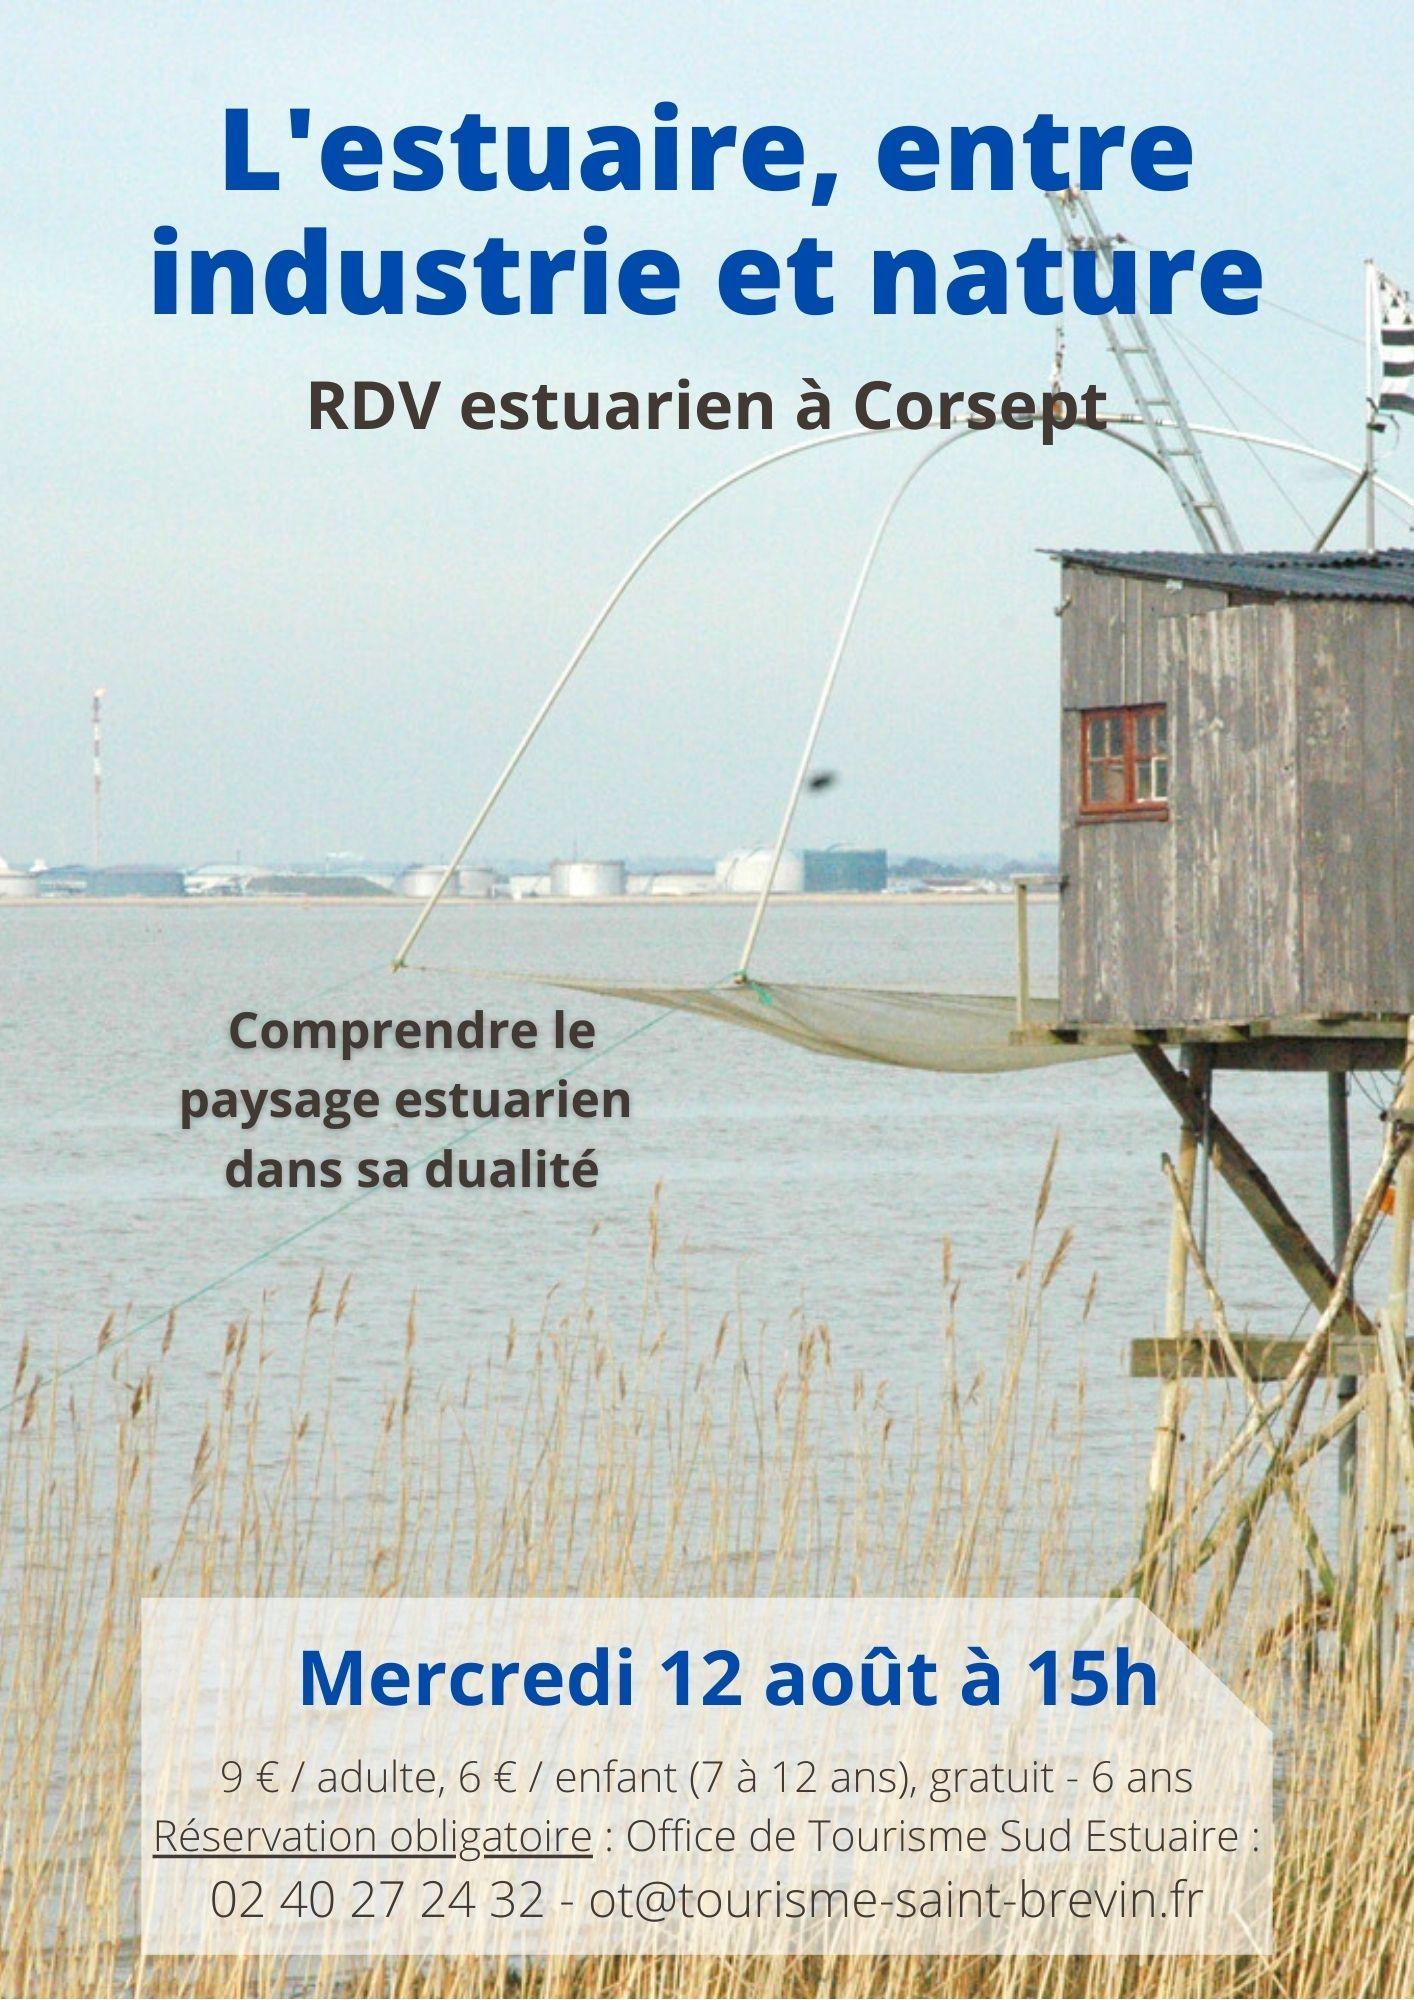 RDV estuariens août 2020 - Estuaire entre indus et nature - CORSEPT